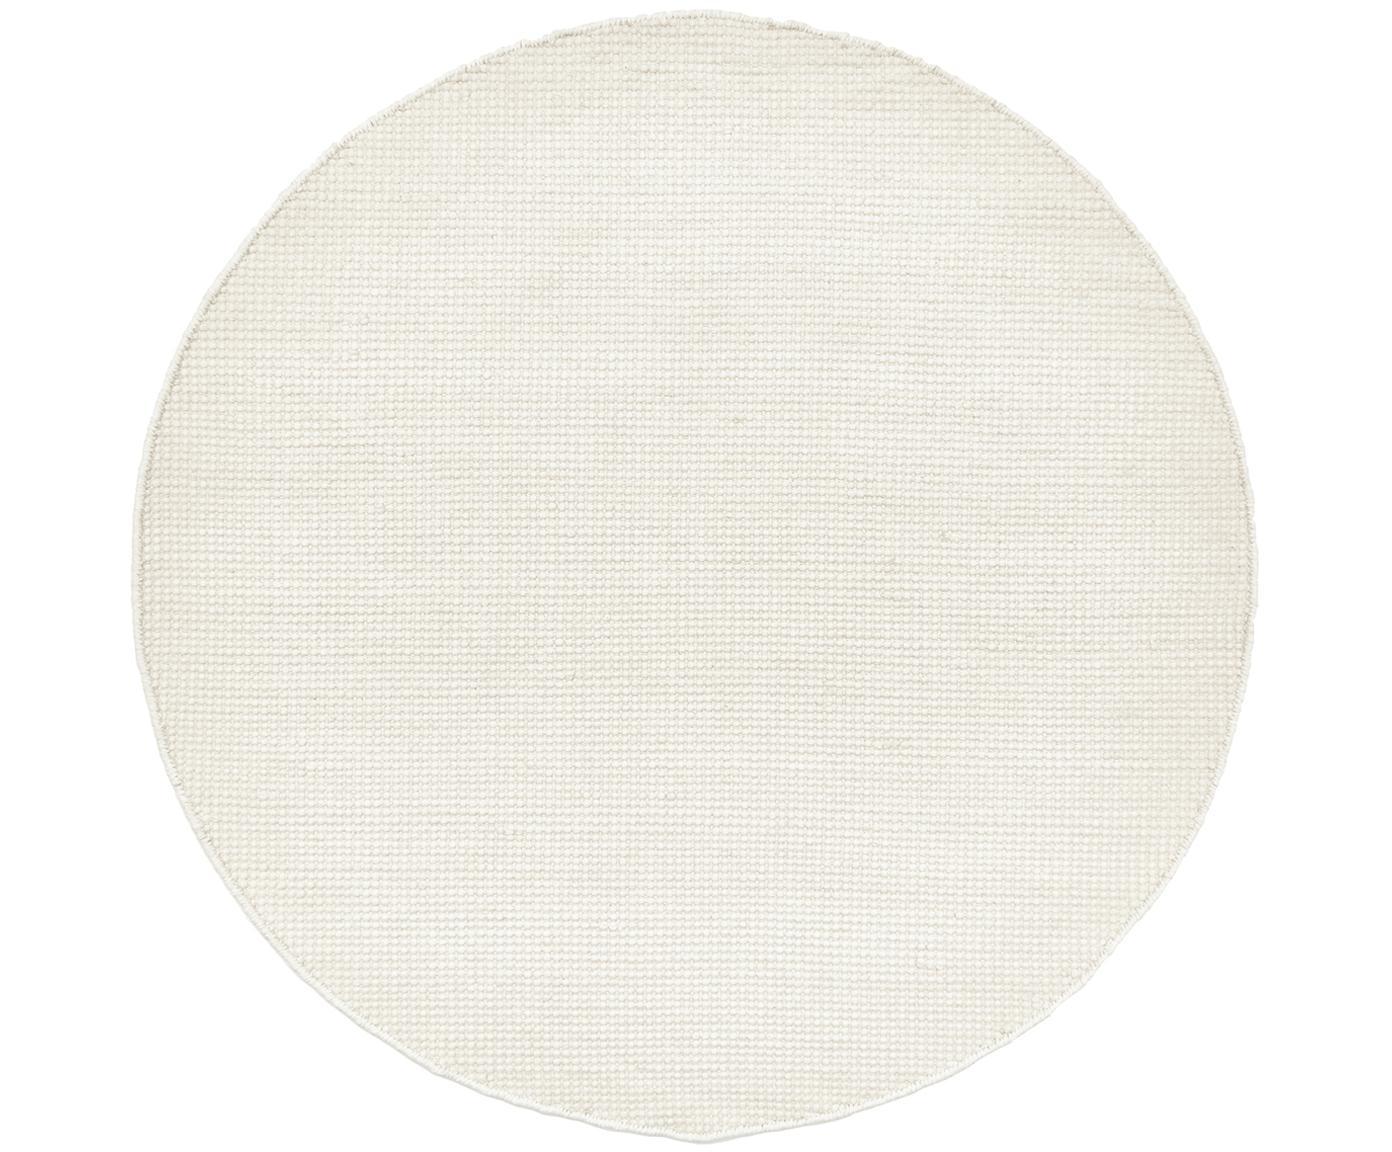 Tappeto in lana tessuto a mano Amaro, 38% lana, 22% poliestere, 20% cotone, 20% poliammide, Bianco crema, Ø 140 cm (taglia M)